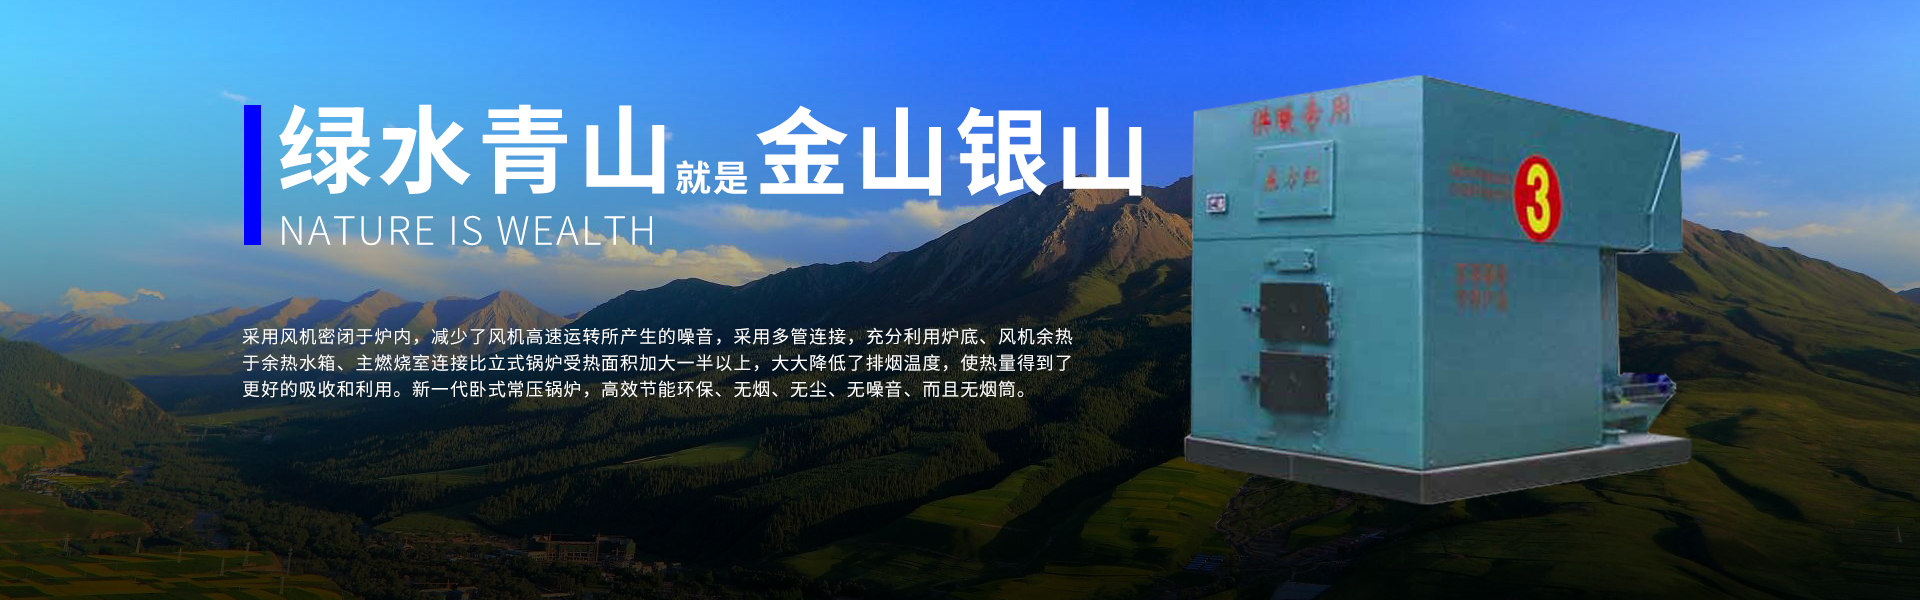 冷凝燃气机组,生物质颗粒锅炉,养殖种植锅炉,多燃料锅炉